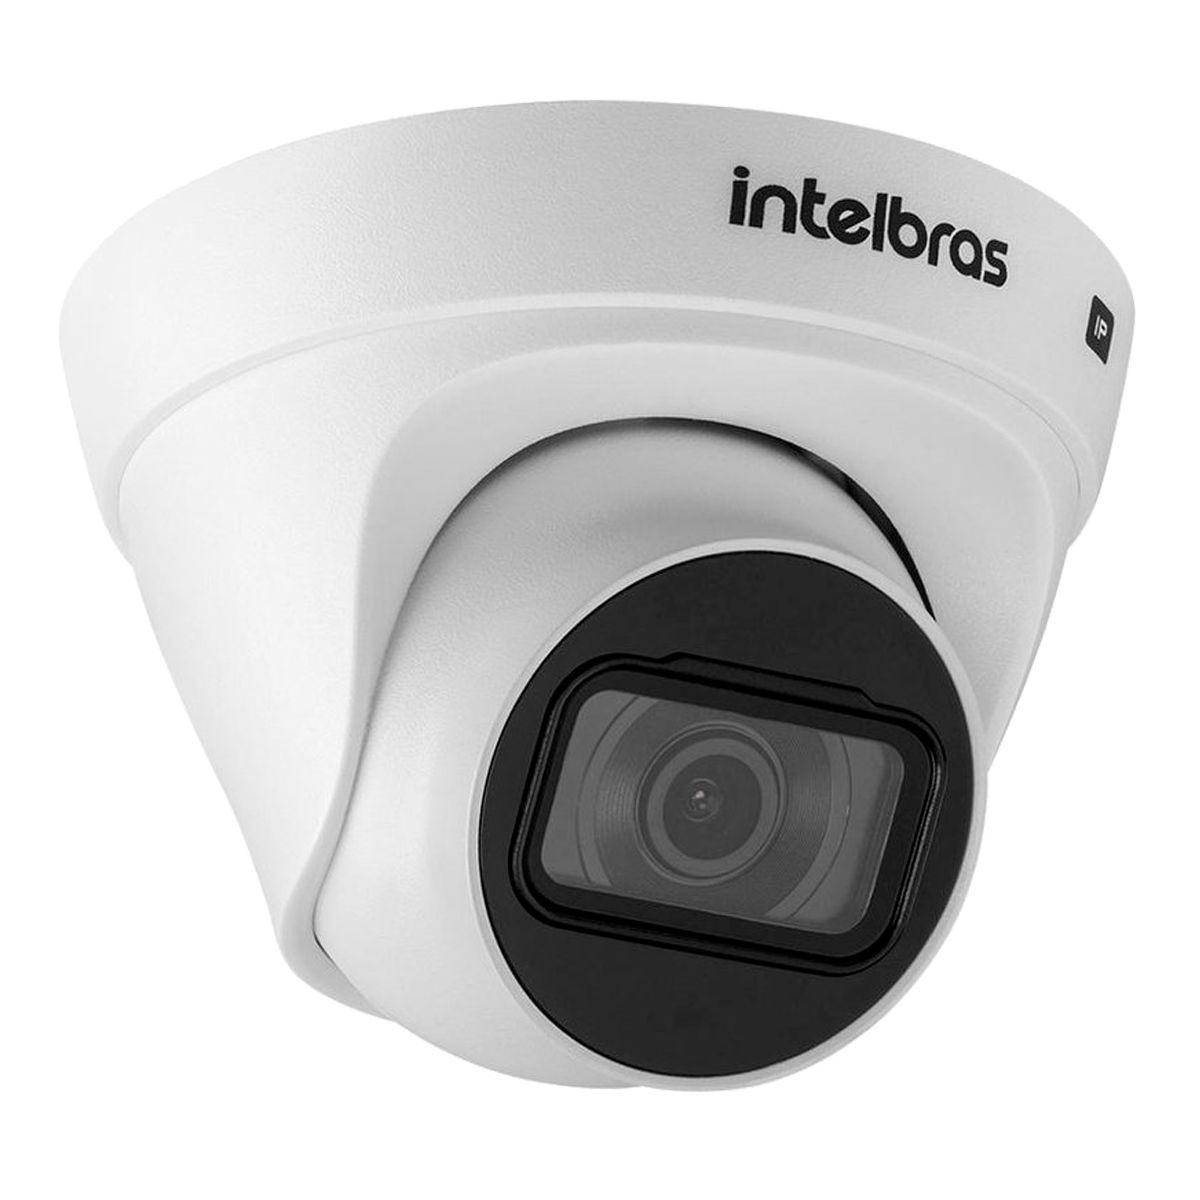 Kit 4 Câmeras VIP 1020 D G2 + NVR Intelbras + App Grátis de Monitoramento, Câmeras HD 720p 20m Infravermelho de Visão Noturna Intelbras  - Tudo Forte